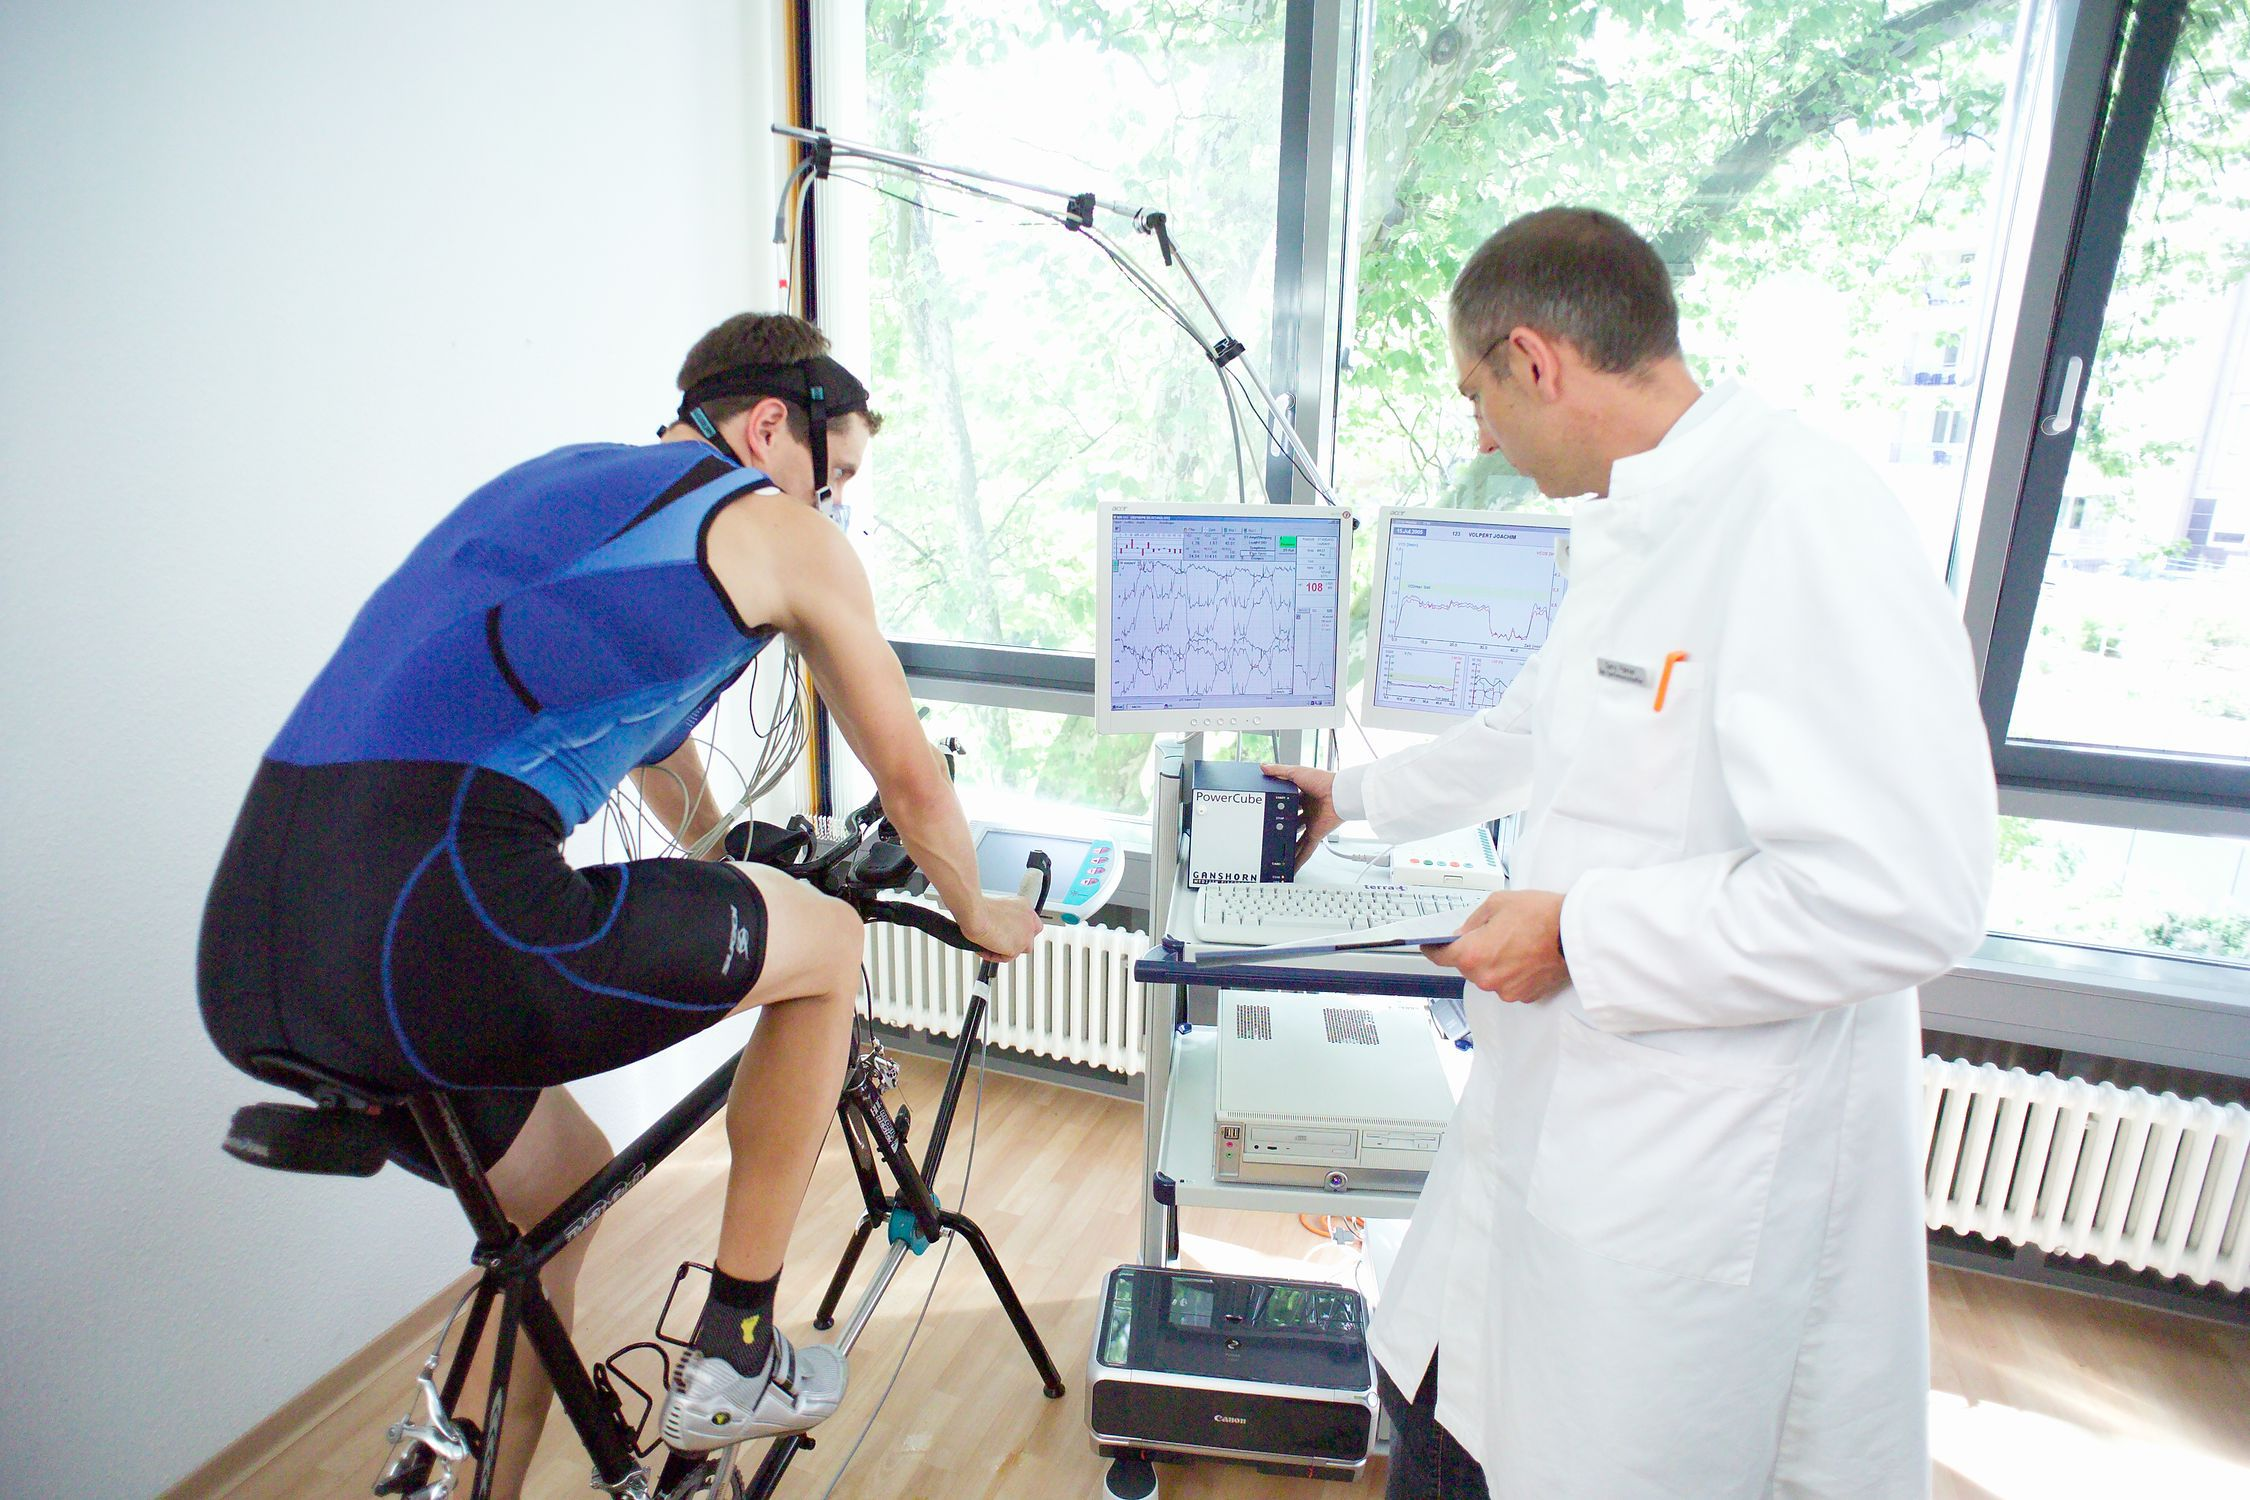 teste ergoespirométrico, Teste Ergoespirométrico: para quem é indicado?, Abreu Cardiologia, Abreu Cardiologia